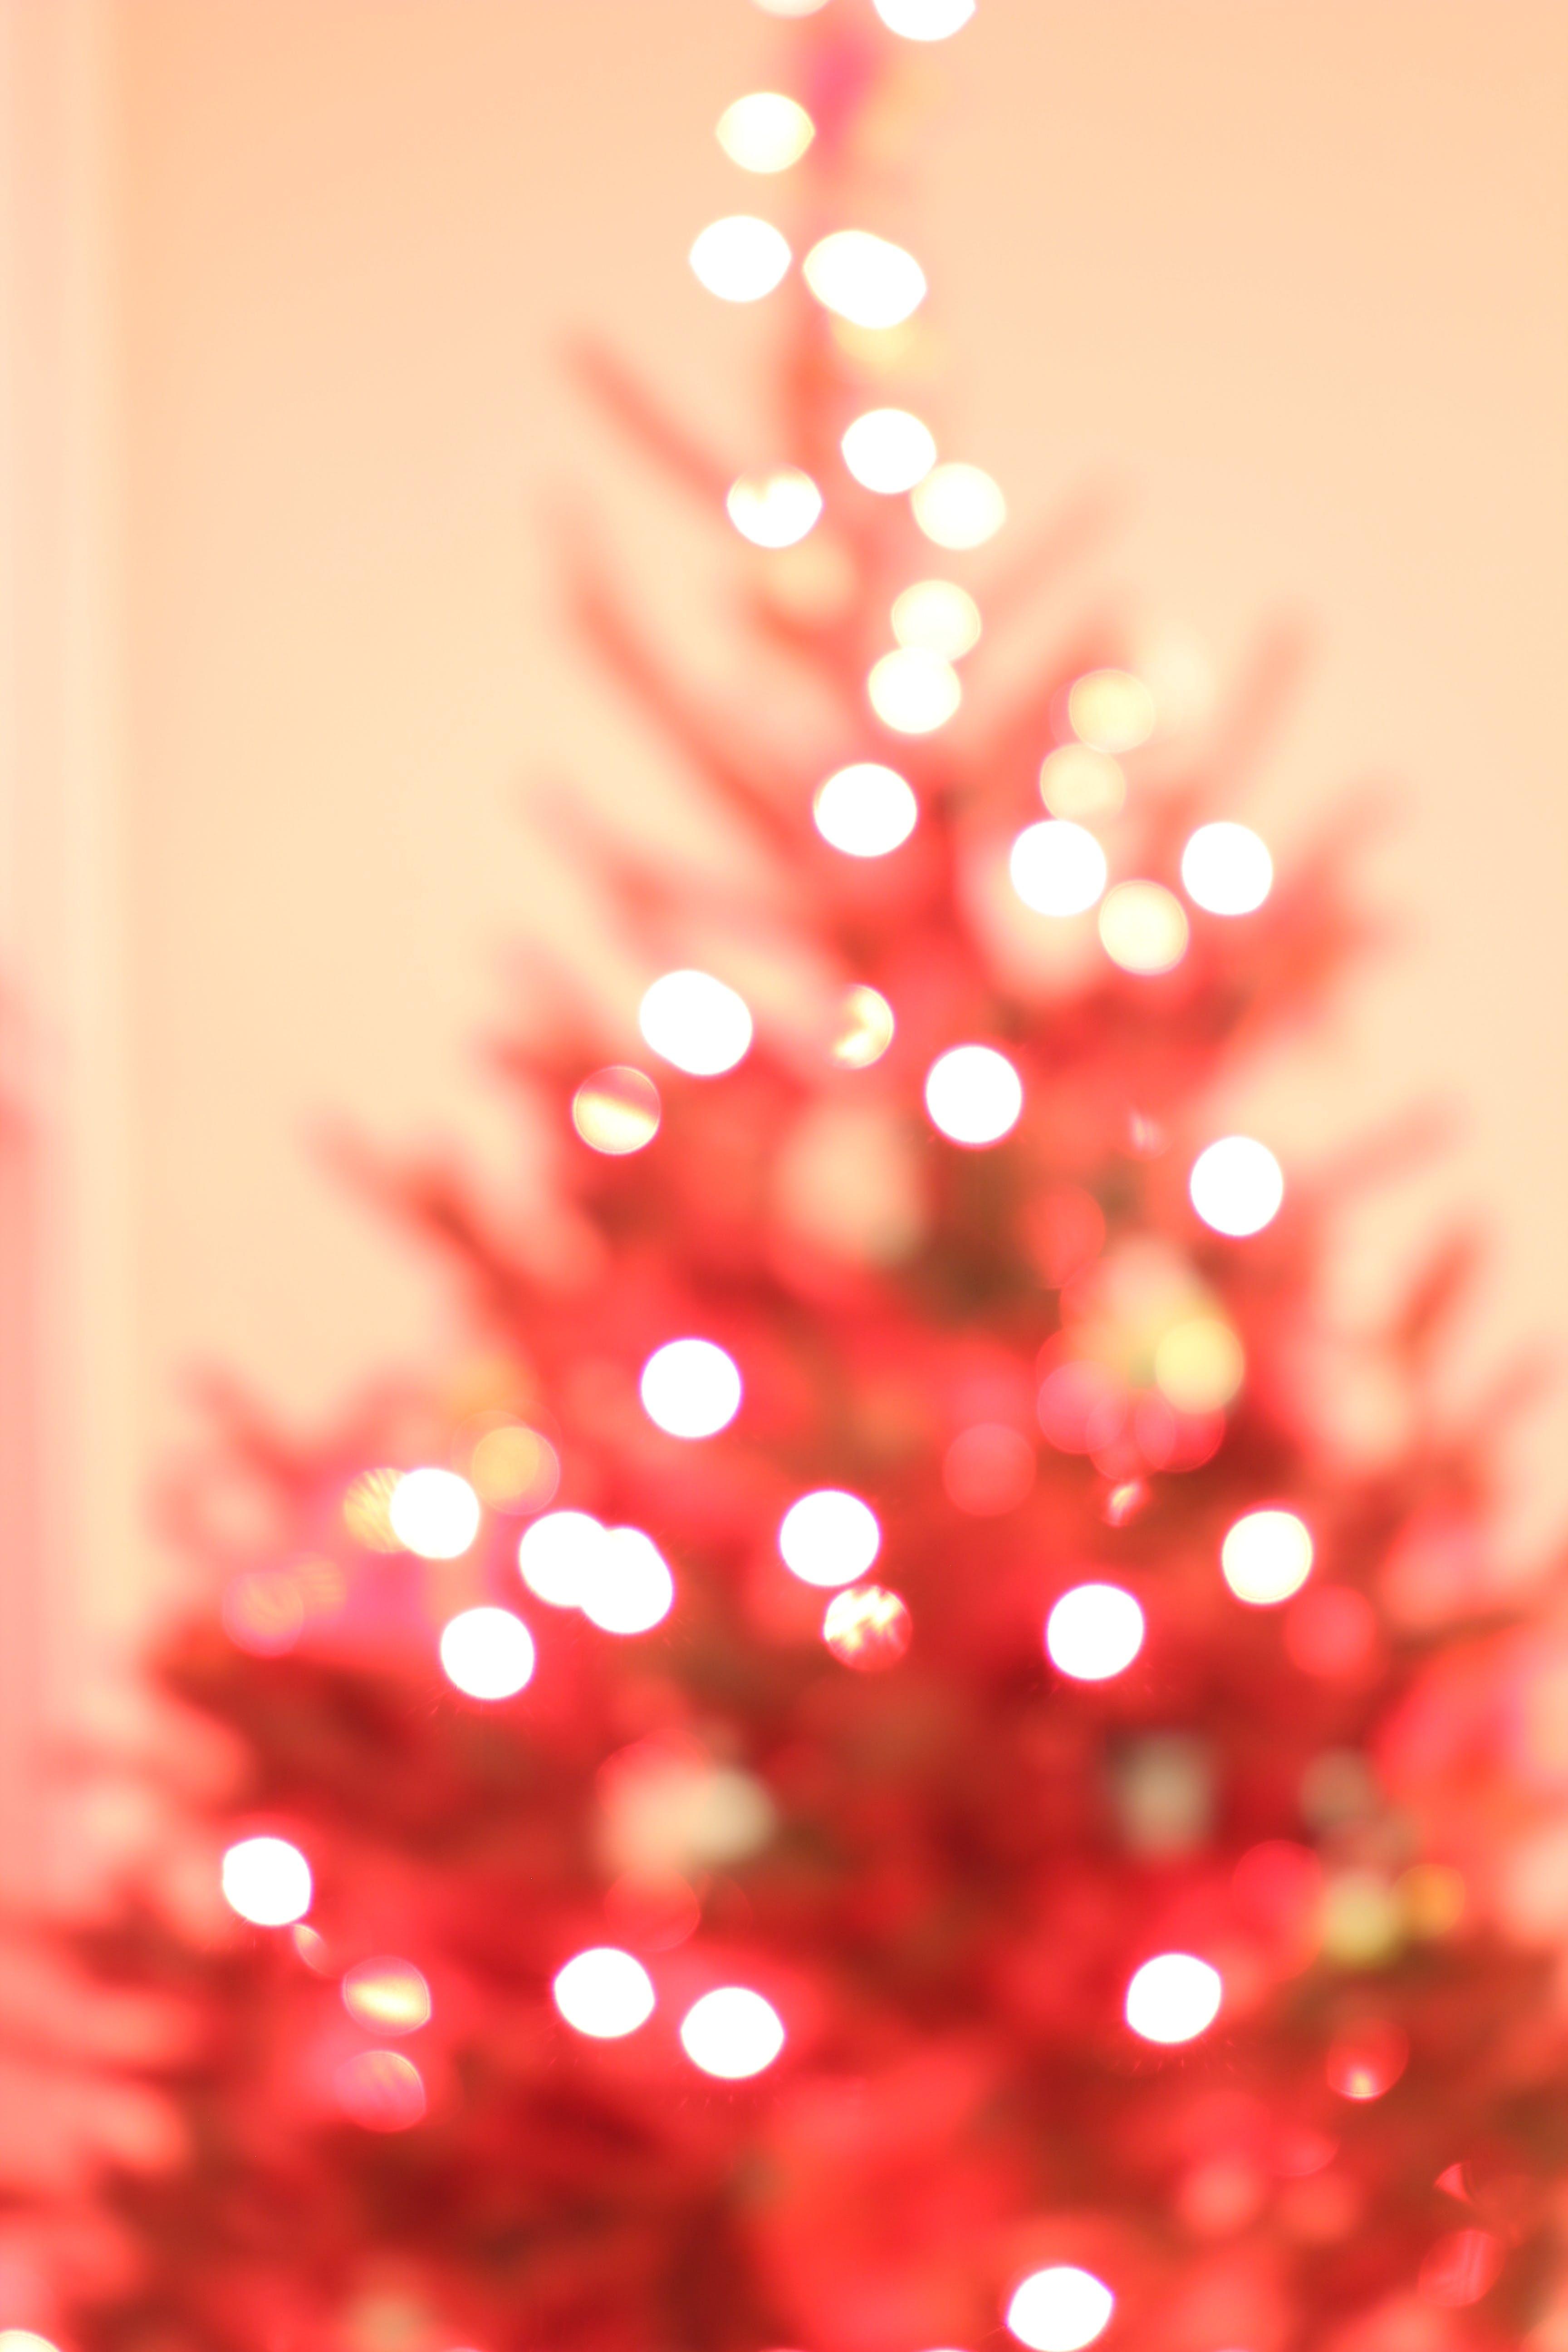 クリスマス, クリスマスツリー, メリークリスマス, ライトの無料の写真素材